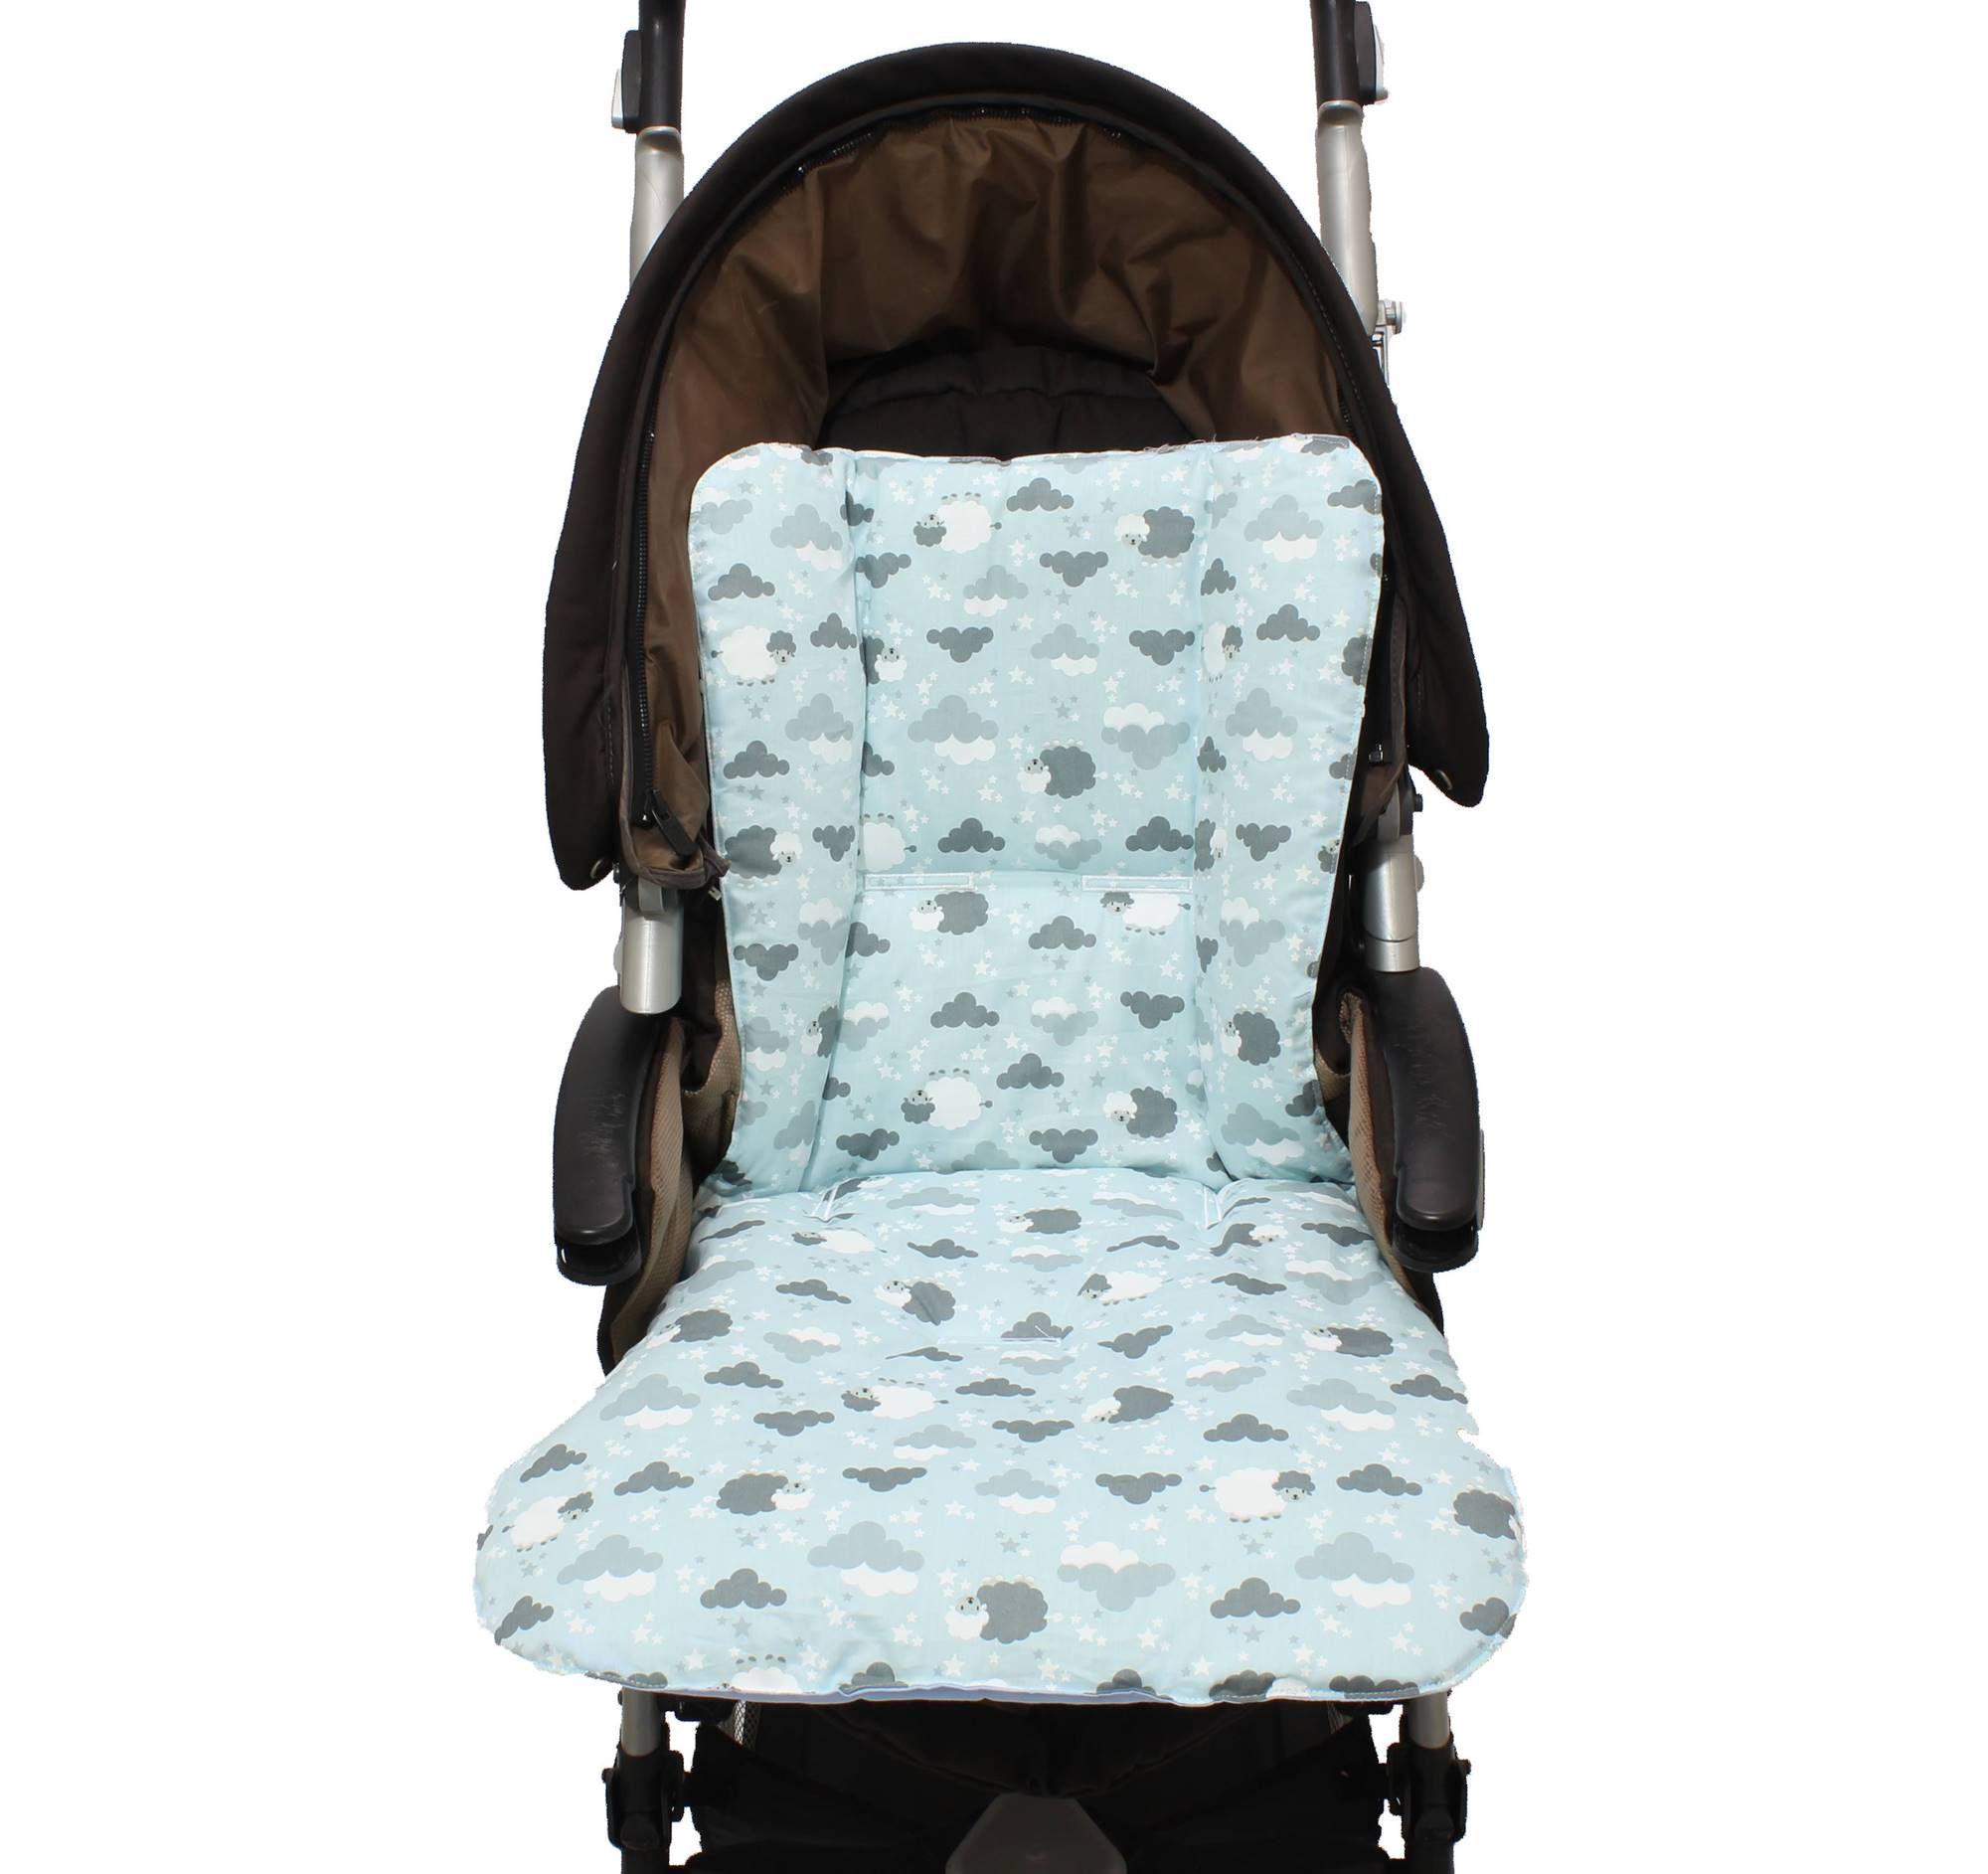 Capa de Carrinho Dupla Ovelha Azul  - Toca do Bebê